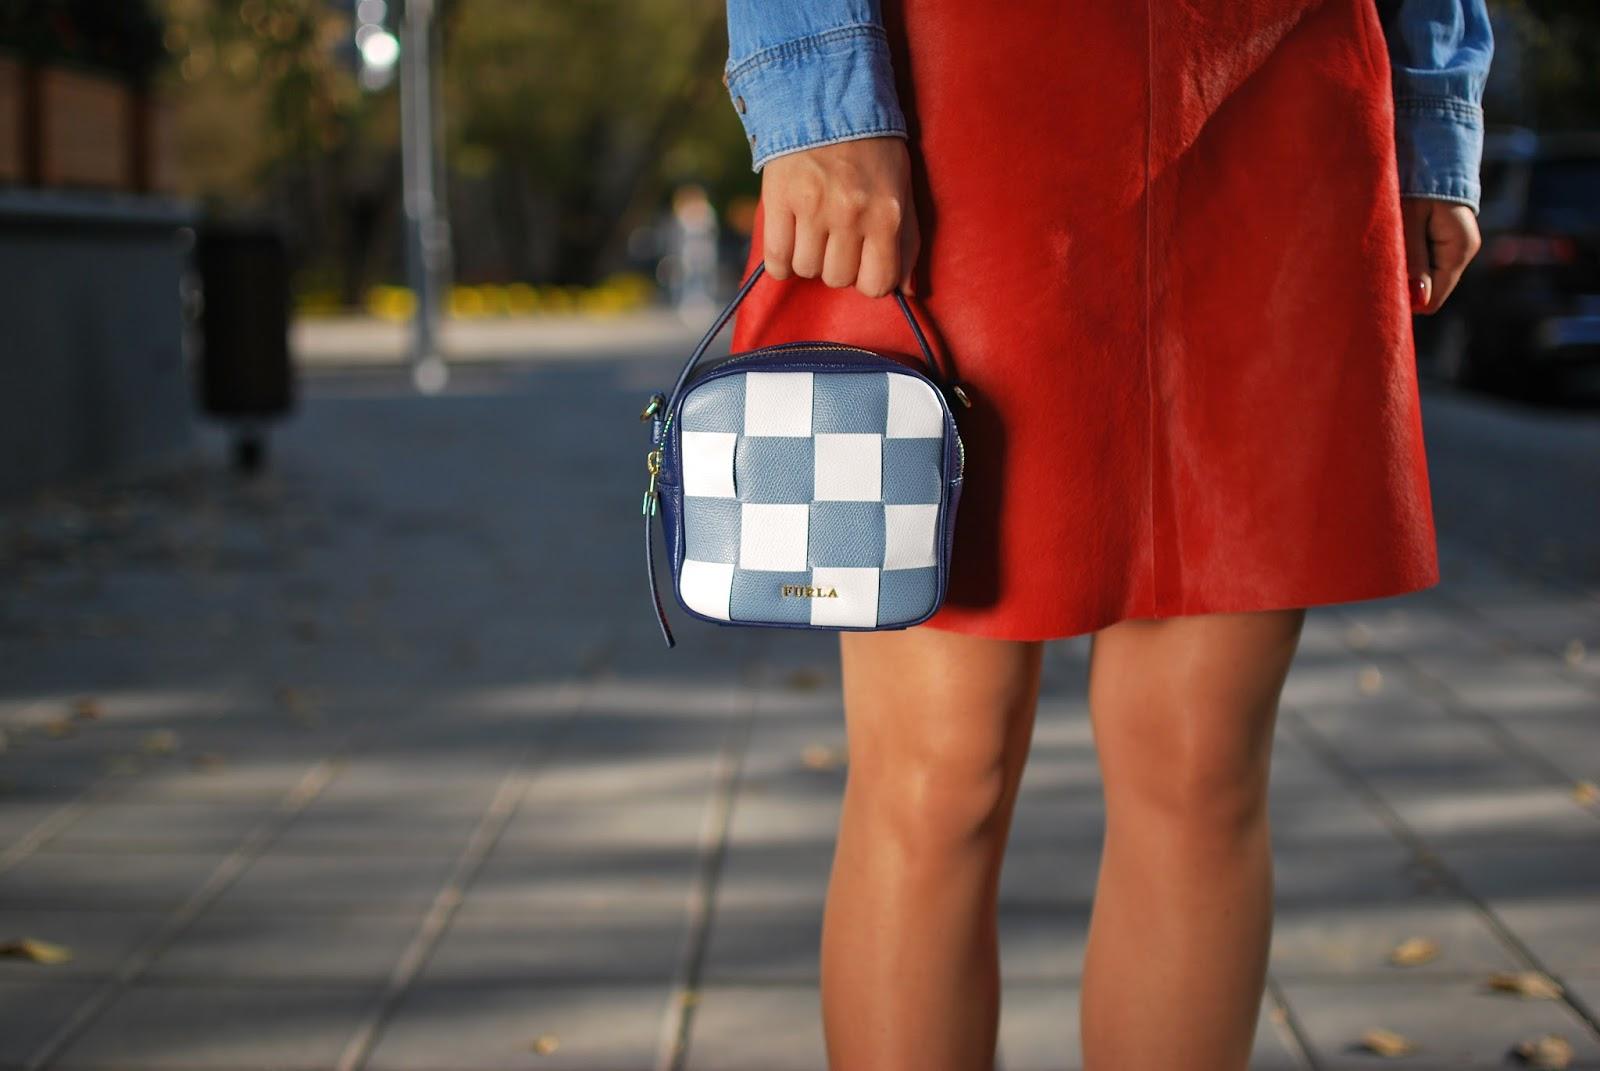 микро сумки тренд,крошечная сумочка,модные сумки осени, Furla последние модели